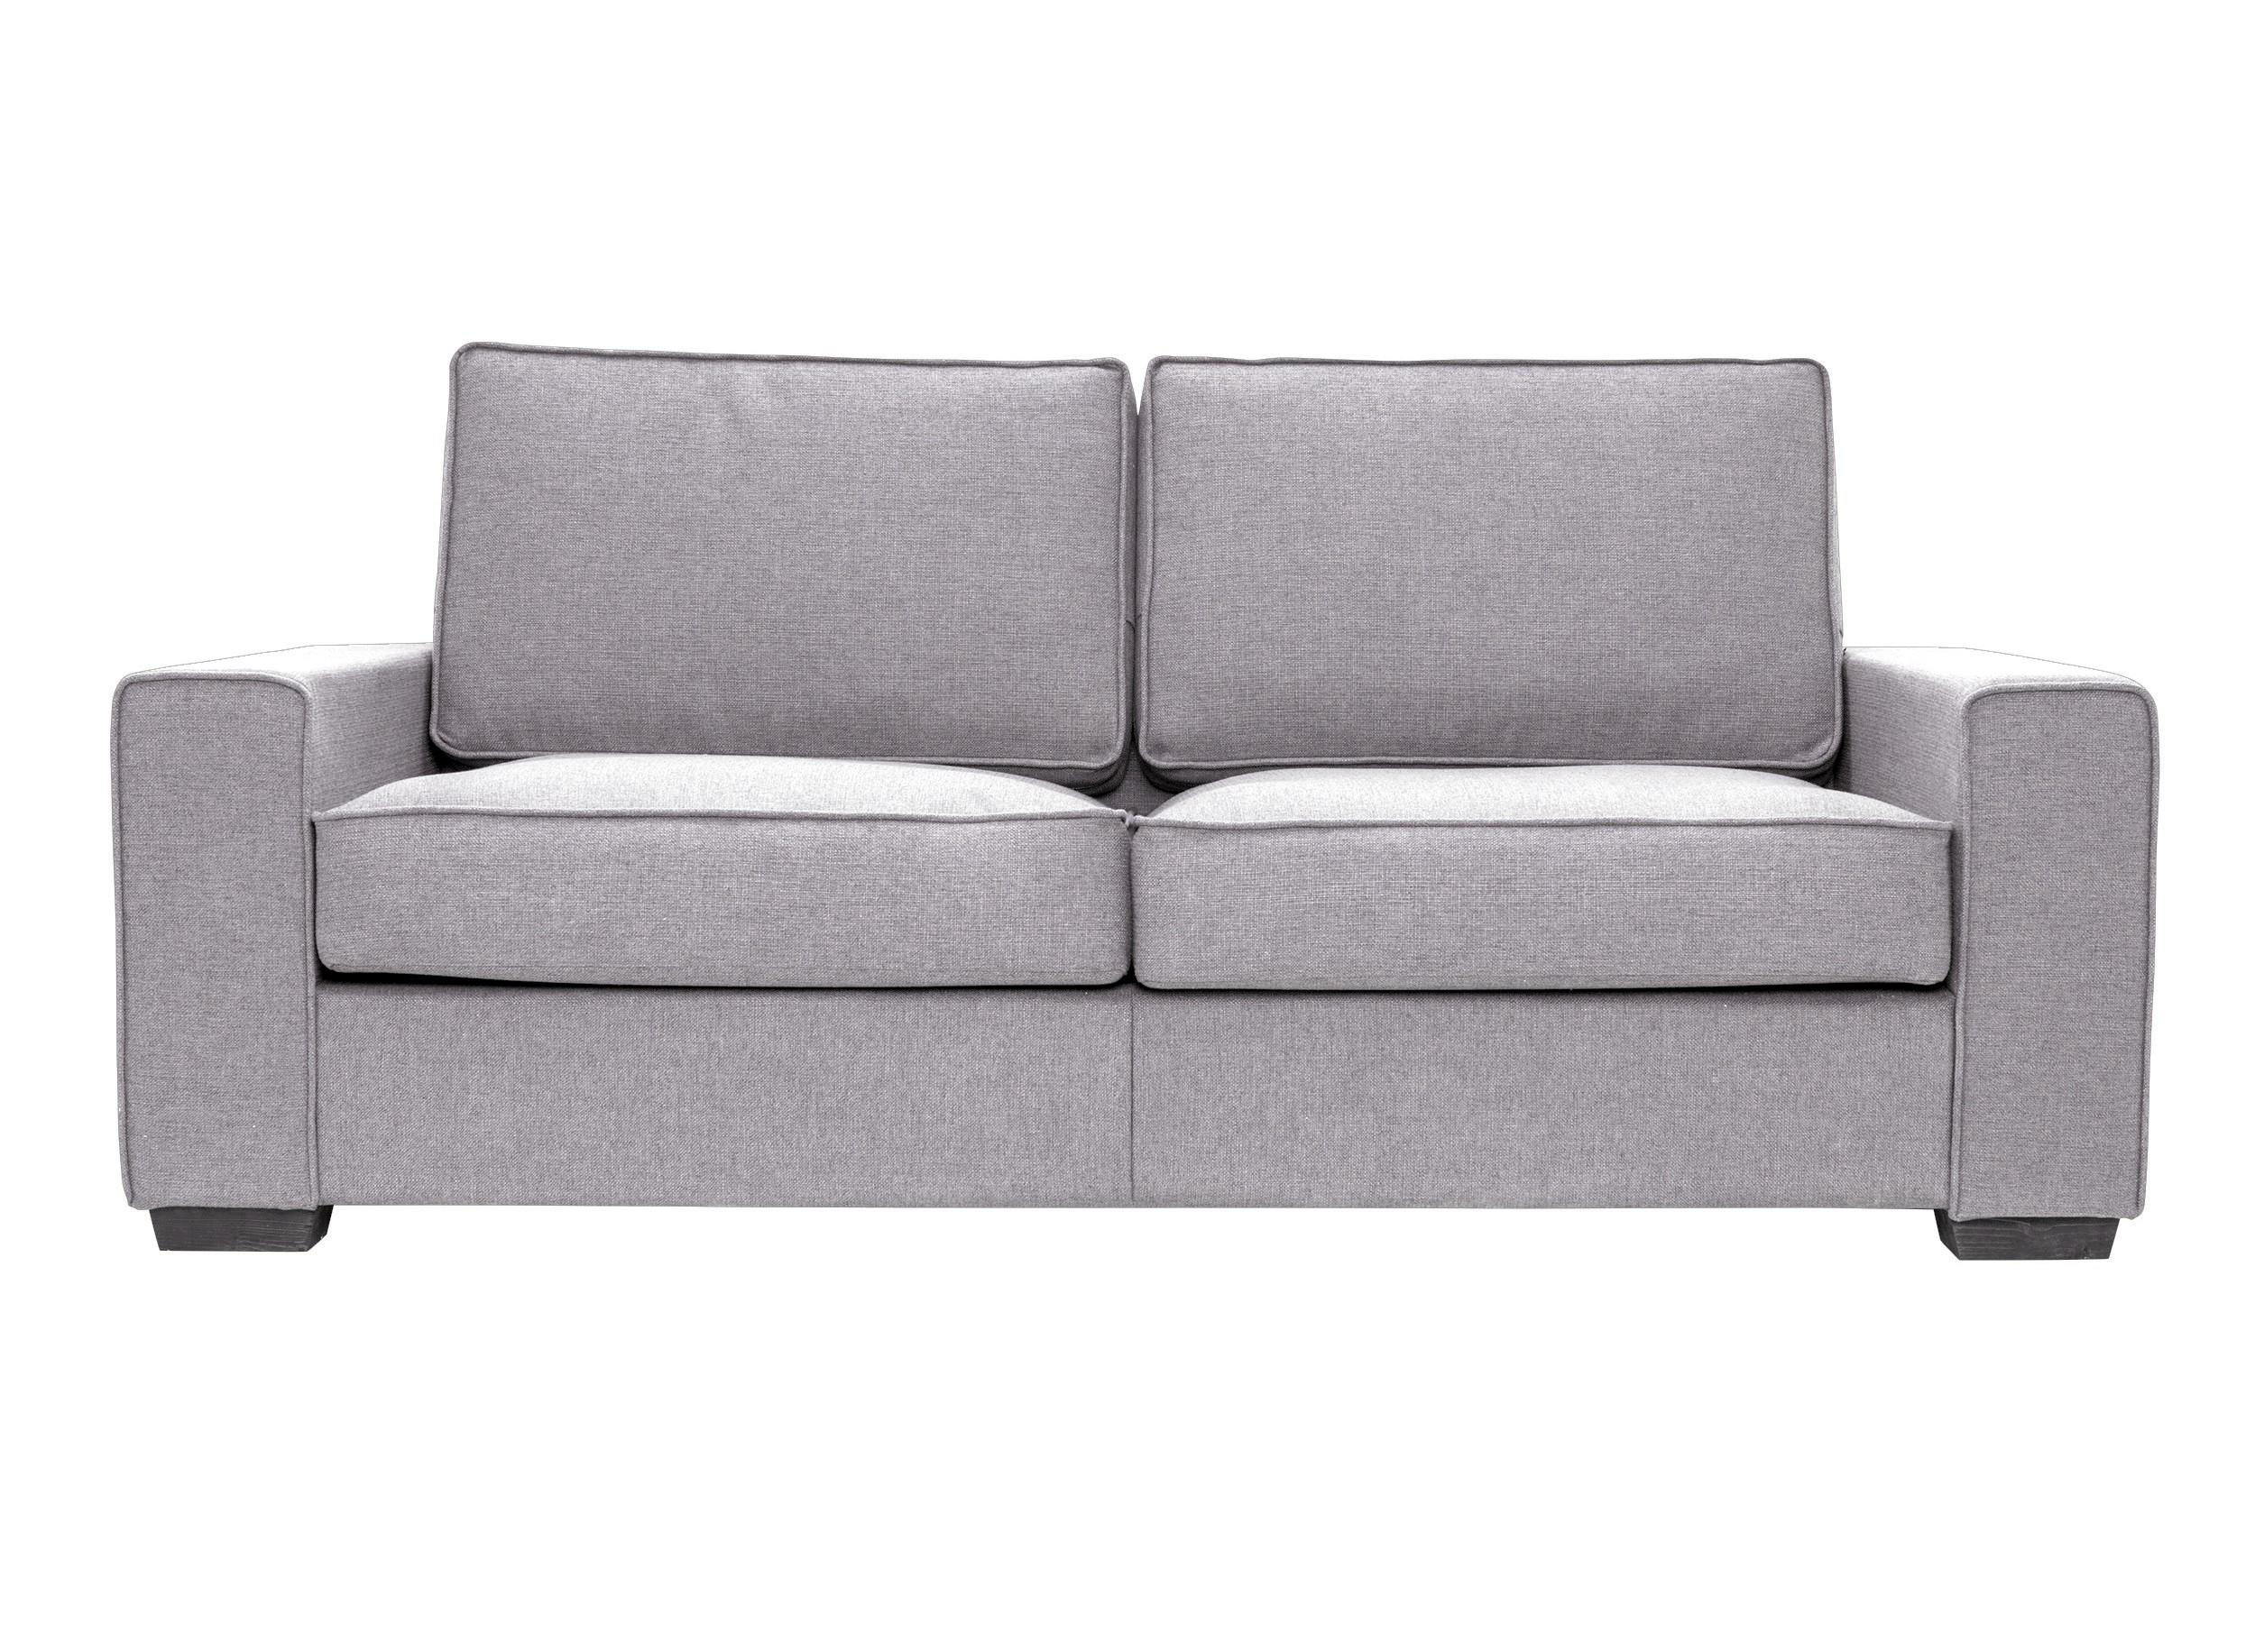 Диван-кровать HallstattПрямые раскладные диваны<br>&amp;lt;div&amp;gt;Этот диван не случайно назван в честь красивейшего из альпийских курортов. Hallstatt -- удобный, надежный и очень европейский. На этом диване можно по-настоящему расслабиться: глубокая посадка и широкие подушки обеспечат прекрасную поддержку спины. Благодаря строгой геометрии линий он будет отлично смотреться &amp;amp;nbsp;в интерьере современной гостиной или в просторном лофте. А для небольшой квартиры Hallstatt может стать основным спальным местом: дополните диван раскладным механизмом 2С и получится удобная двухместная кровать.&amp;amp;nbsp;&amp;lt;/div&amp;gt;&amp;lt;div&amp;gt;&amp;lt;br&amp;gt;&amp;lt;/div&amp;gt;&amp;lt;div&amp;gt;Специально для этой серии мы подобрали палитру из &amp;amp;nbsp;9 &amp;amp;nbsp;стильных оттенков рогожки.&amp;amp;nbsp;&amp;lt;/div&amp;gt;&amp;lt;div&amp;gt;&amp;lt;br&amp;gt;&amp;lt;/div&amp;gt;&amp;lt;div&amp;gt;Размеры спального места: 200х120, 200х140, 200х160 см&amp;lt;/div&amp;gt;&amp;lt;div&amp;gt;Материал корпуса: фанера, брус&amp;lt;/div&amp;gt;&amp;lt;div&amp;gt;Материал обивки: рогожка, 40000 циклов&amp;lt;/div&amp;gt;&amp;lt;div&amp;gt;Дополнительные опции: ящик - &amp;amp;nbsp;3960р, ножки (дерево или хром) - 2141р.&amp;lt;/div&amp;gt;&amp;lt;div&amp;gt;&amp;lt;br&amp;gt;&amp;lt;/div&amp;gt;&amp;lt;div&amp;gt;Варианты раскладного механизма: 2С (на каждый день) или французская раскладушка (гостевой вариант)&amp;lt;/div&amp;gt;<br><br>Material: Текстиль<br>Width см: 200<br>Depth см: 82<br>Height см: 80